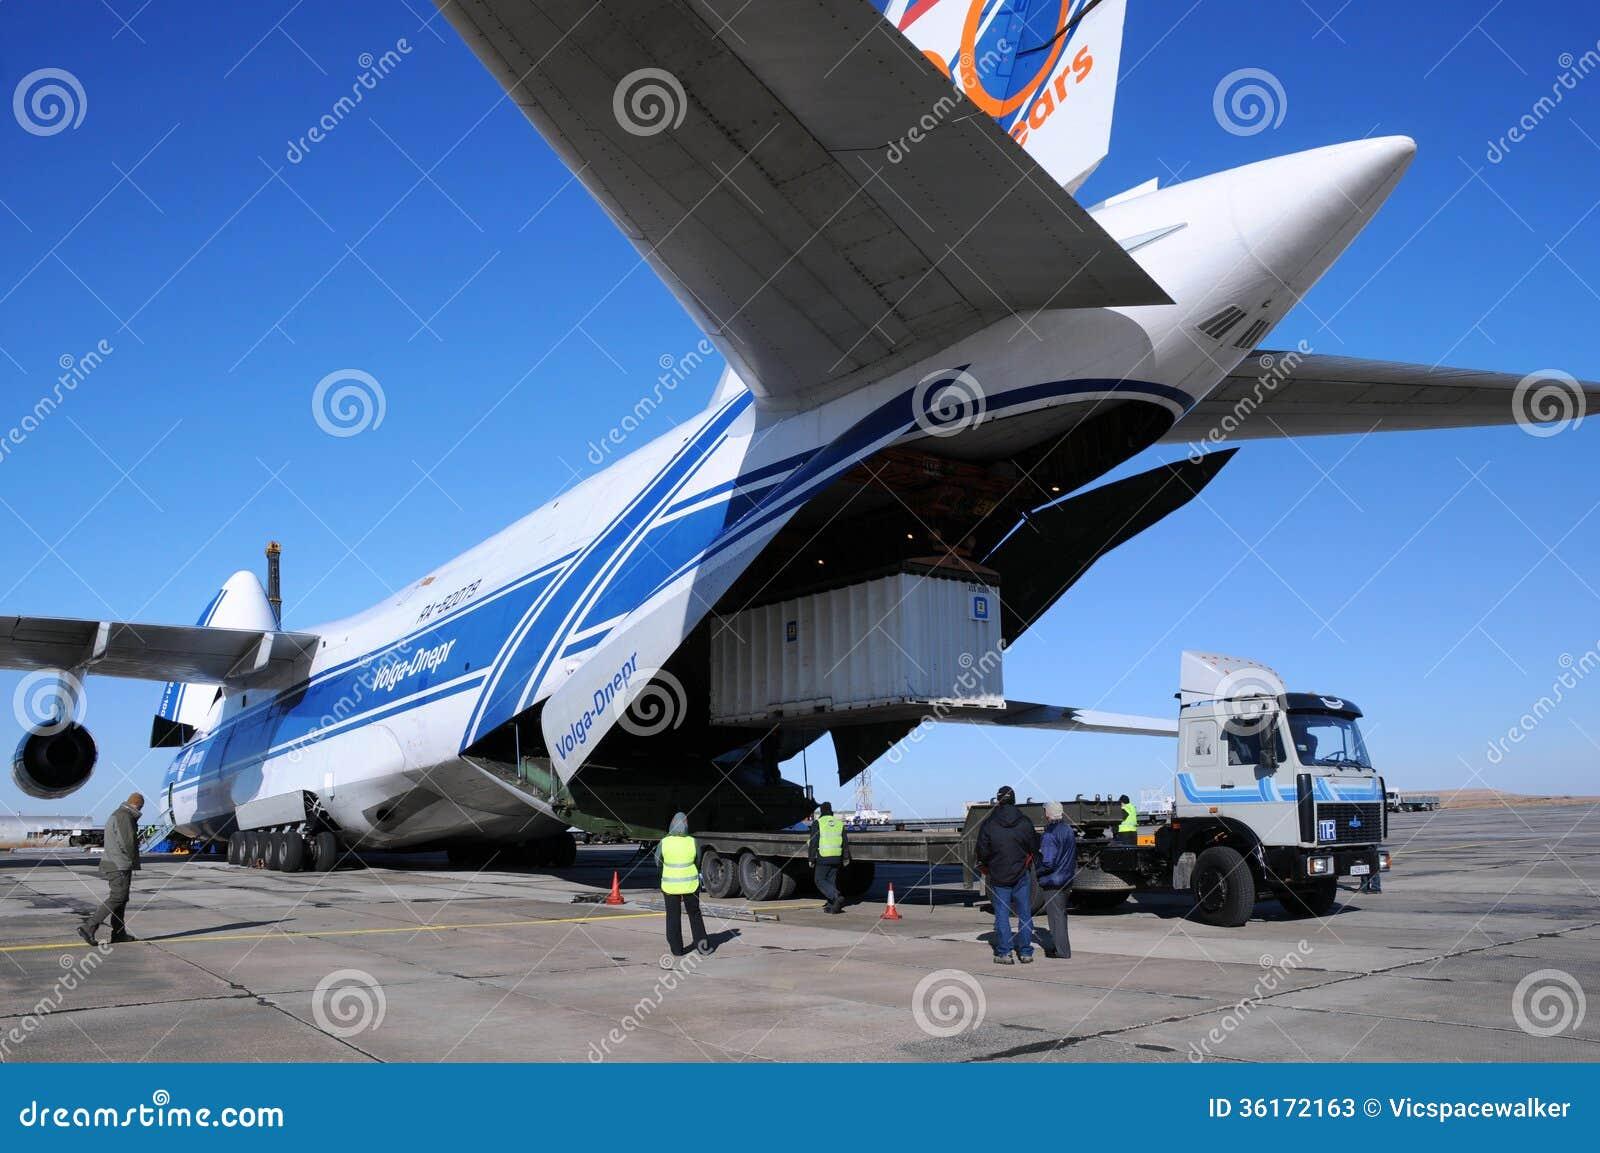 Car Cargo Container Rental